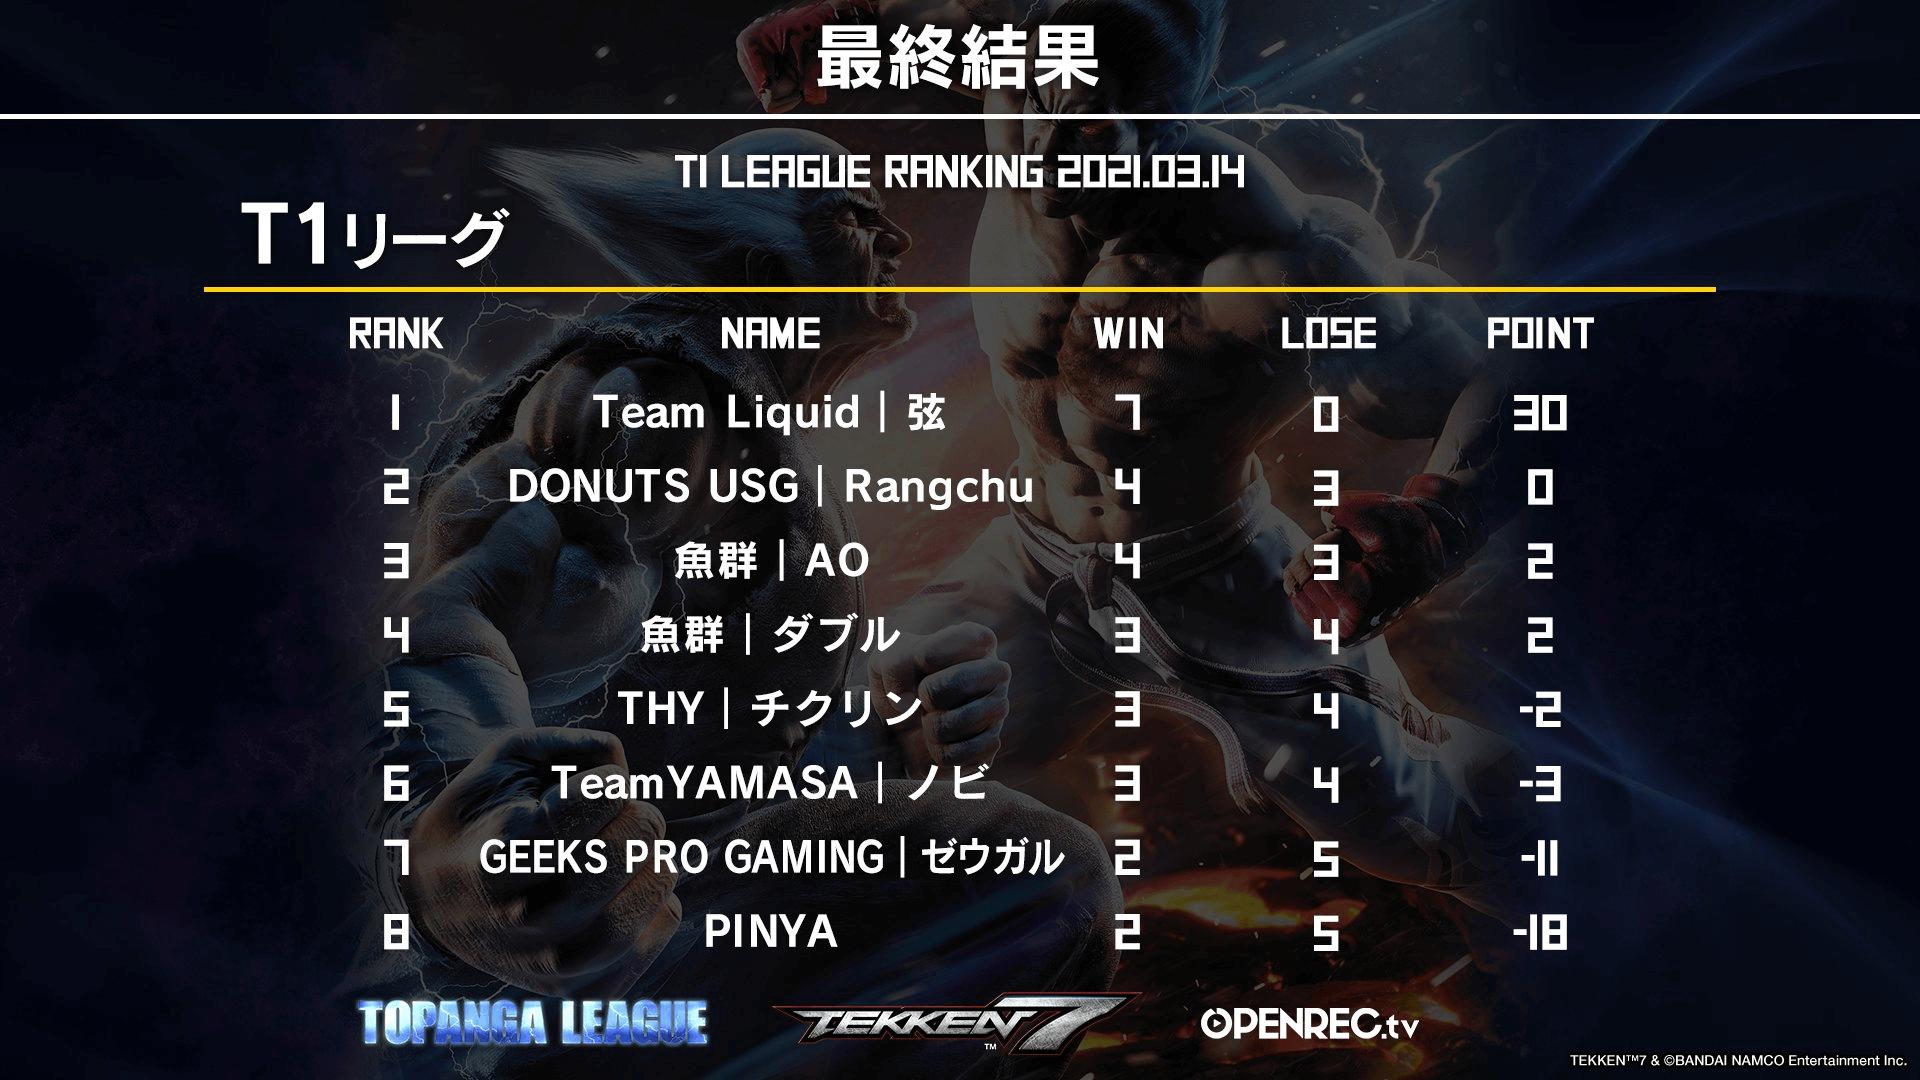 Tekken 7 Topanga League Season 3 final standings